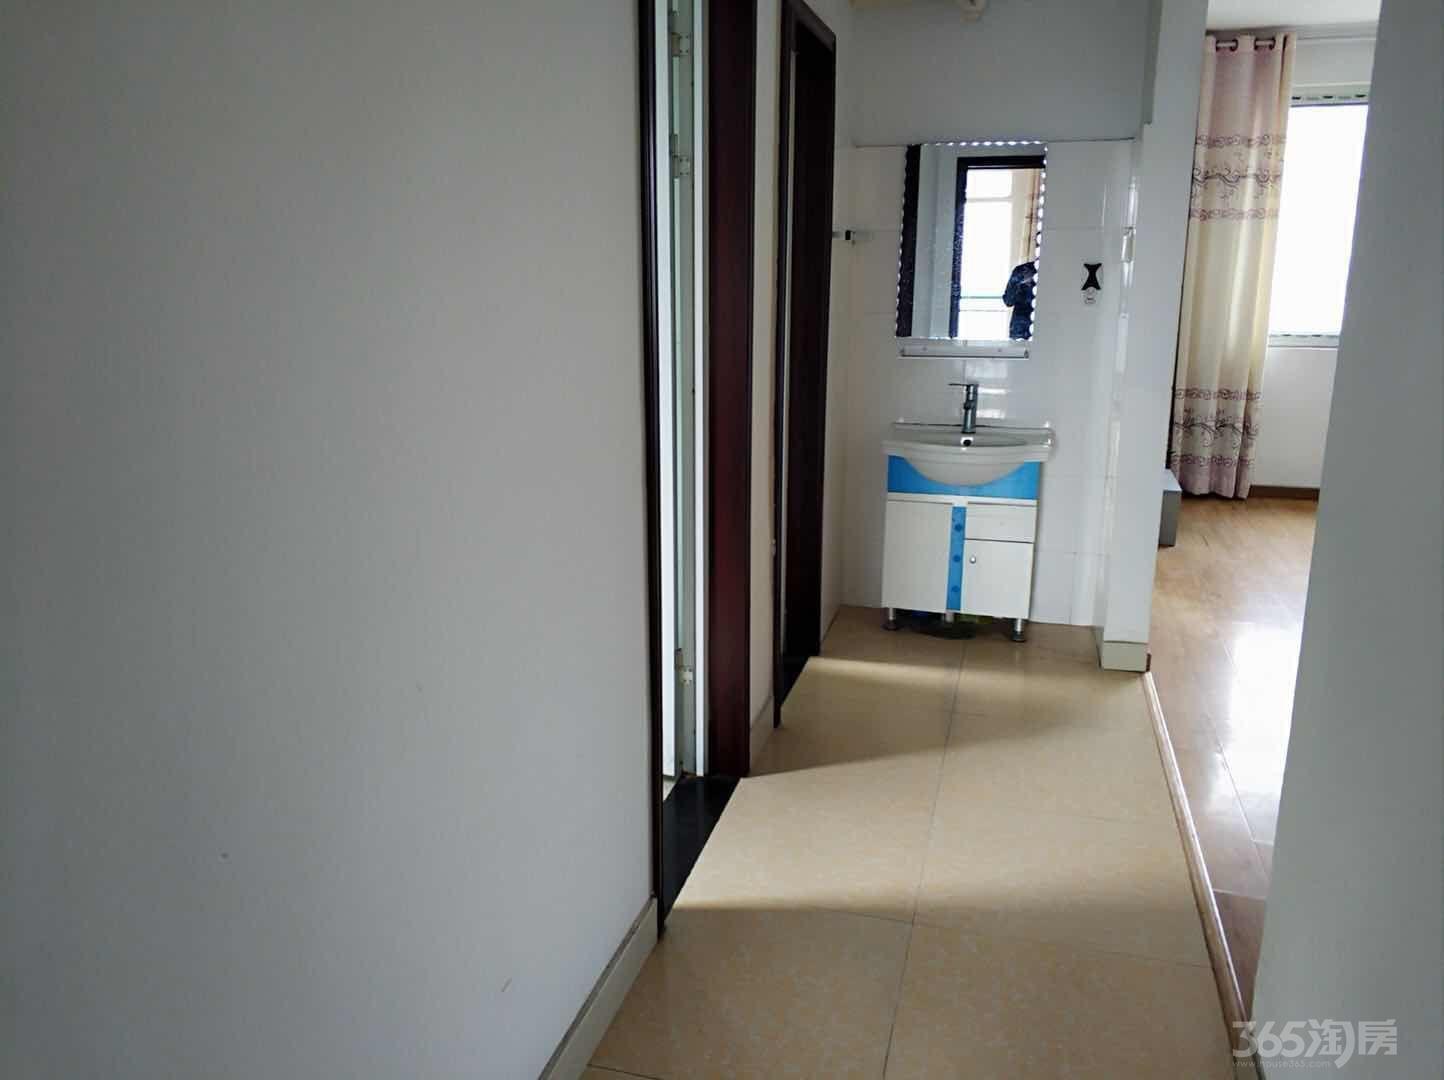 通和易居同辉(北苑)2室1厅1卫78平米整租简装